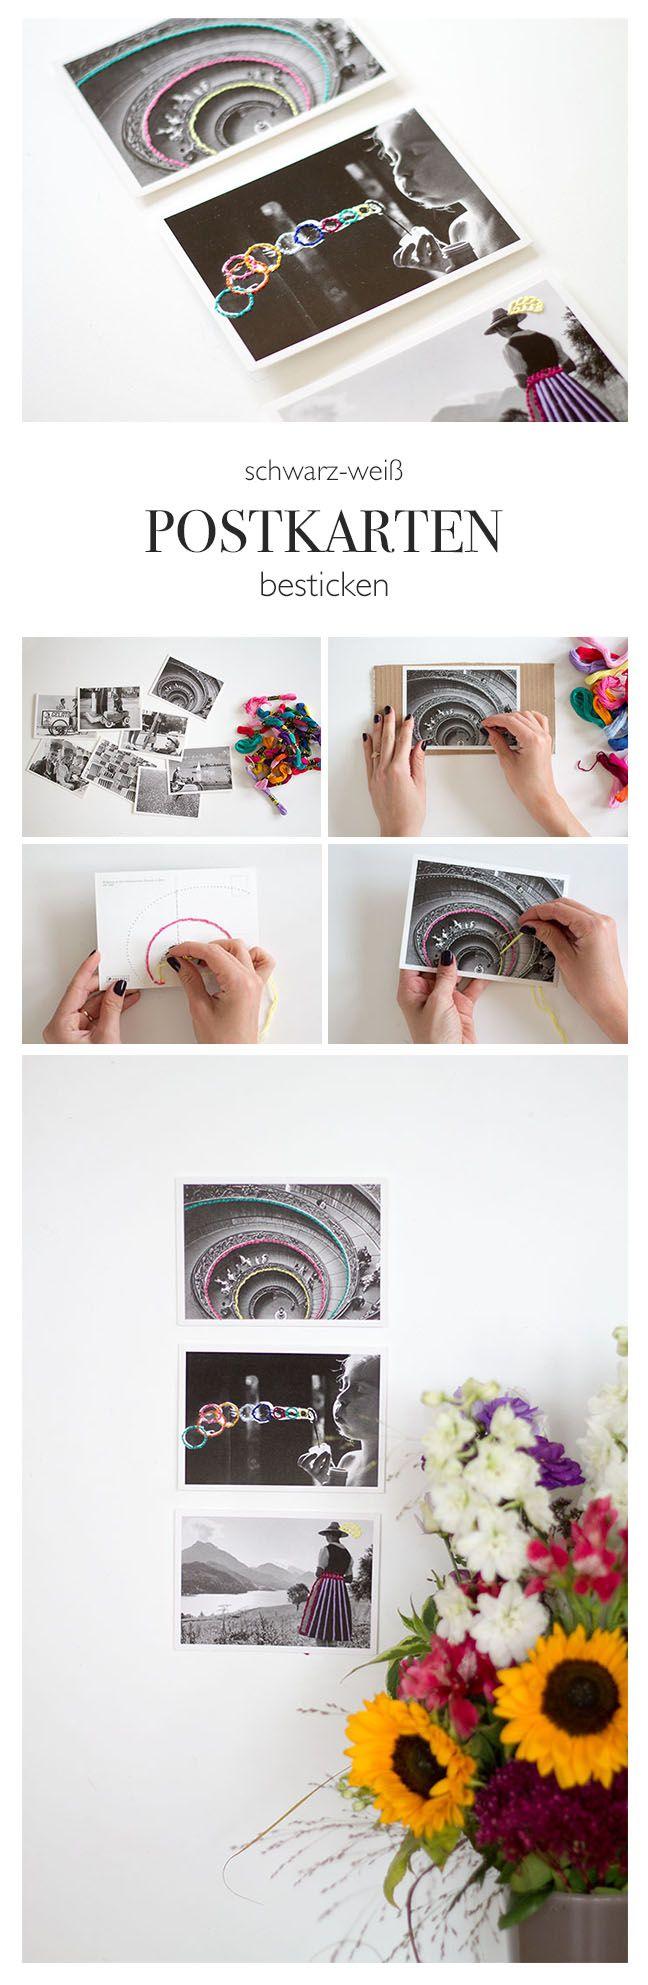 Postkarten besticken - lindaloves.de